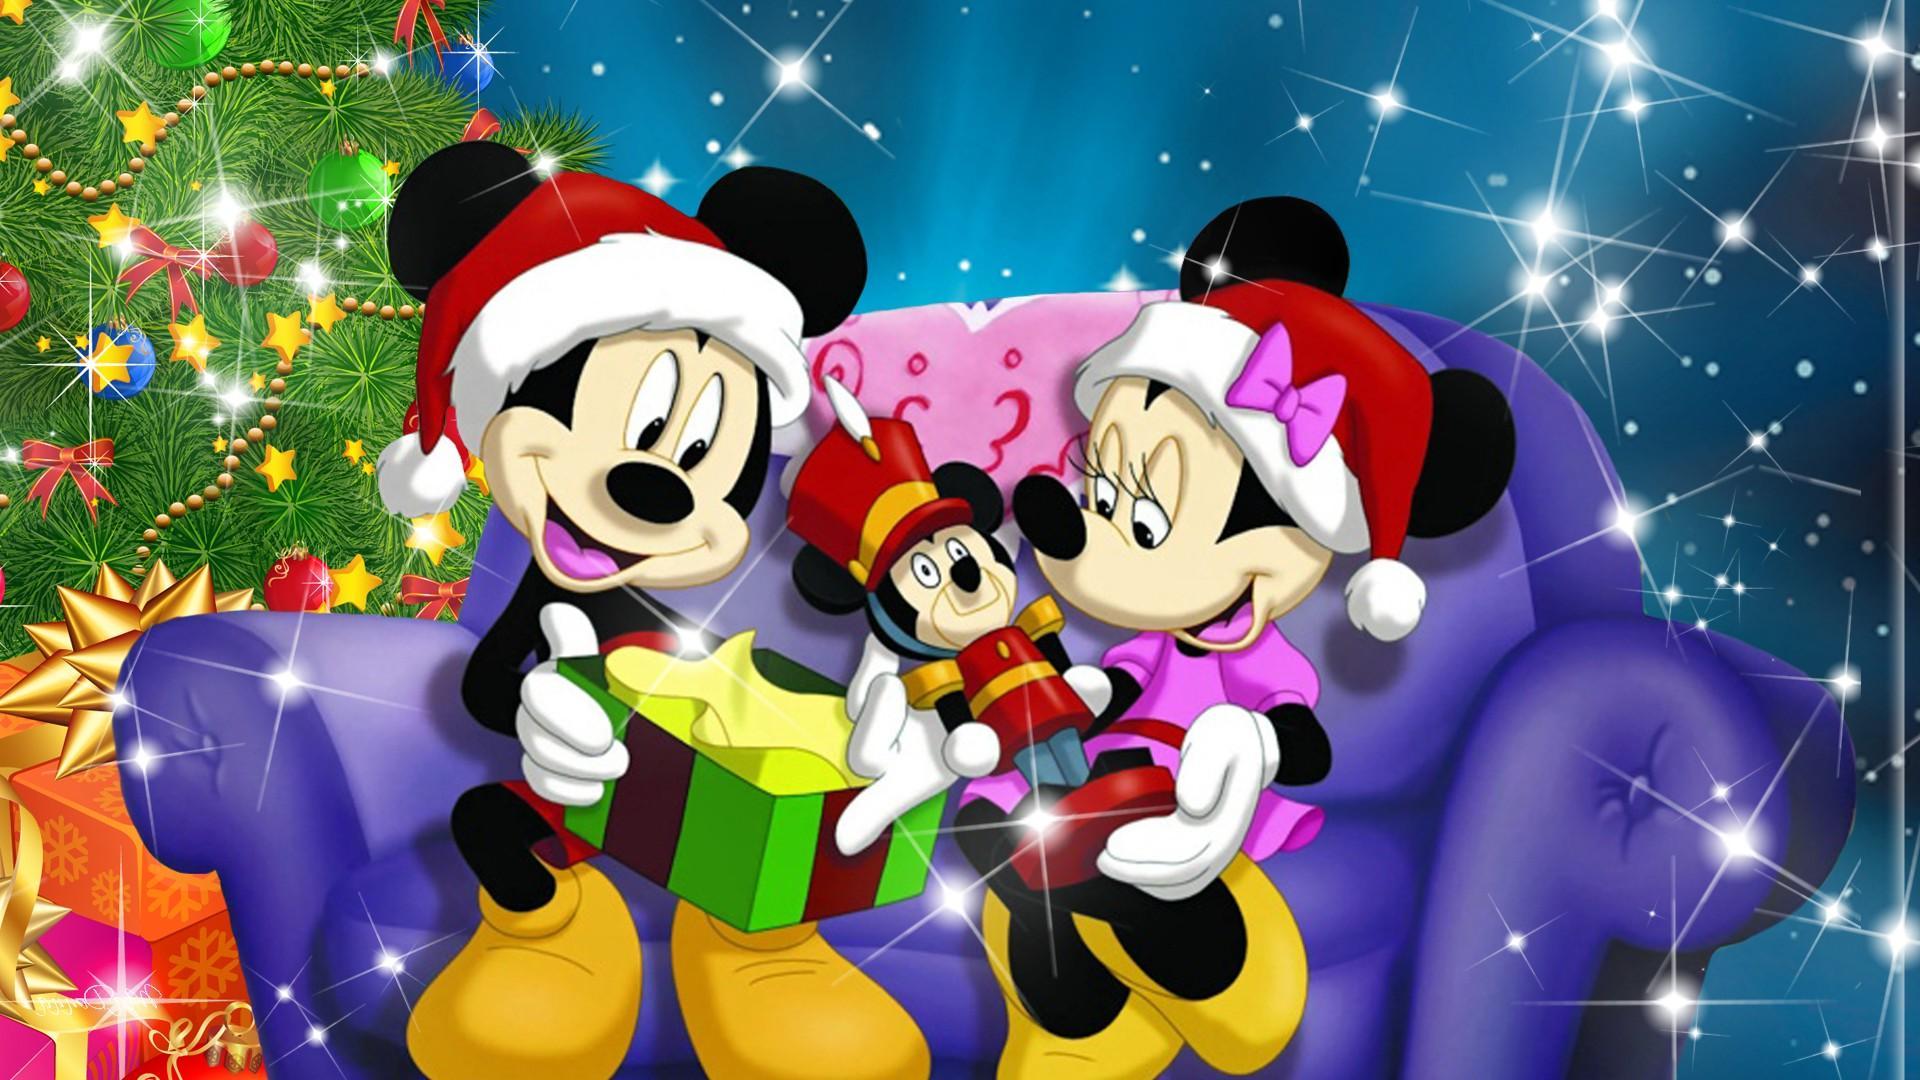 Wallpaper cadeau de noel hd gratuit t l charger sur ngn mag - Telecharger film mickey mouse gratuit ...